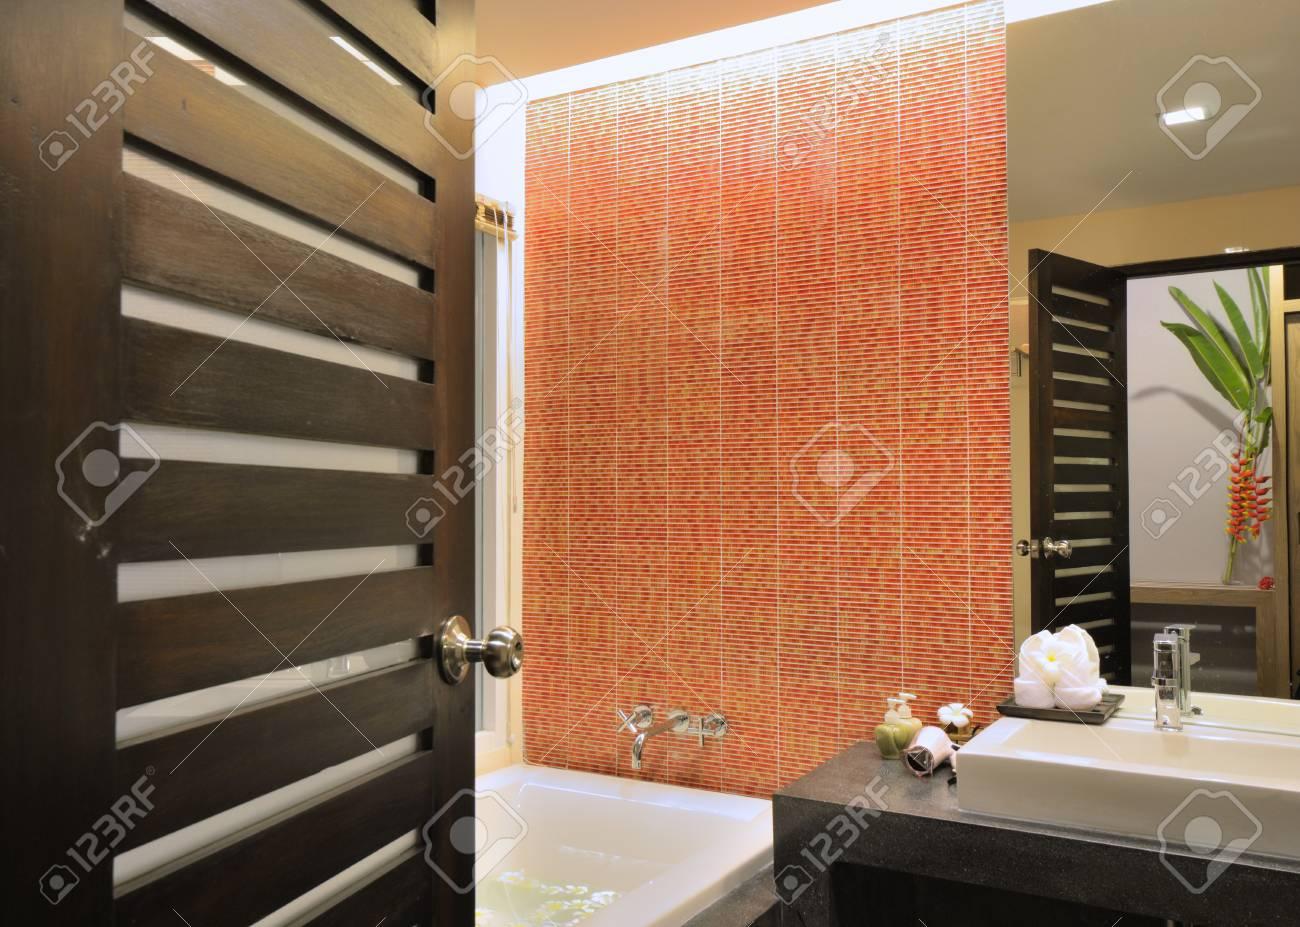 Luxus-Badezimmer Interior Design Für Das Moderne Leben Stil ...